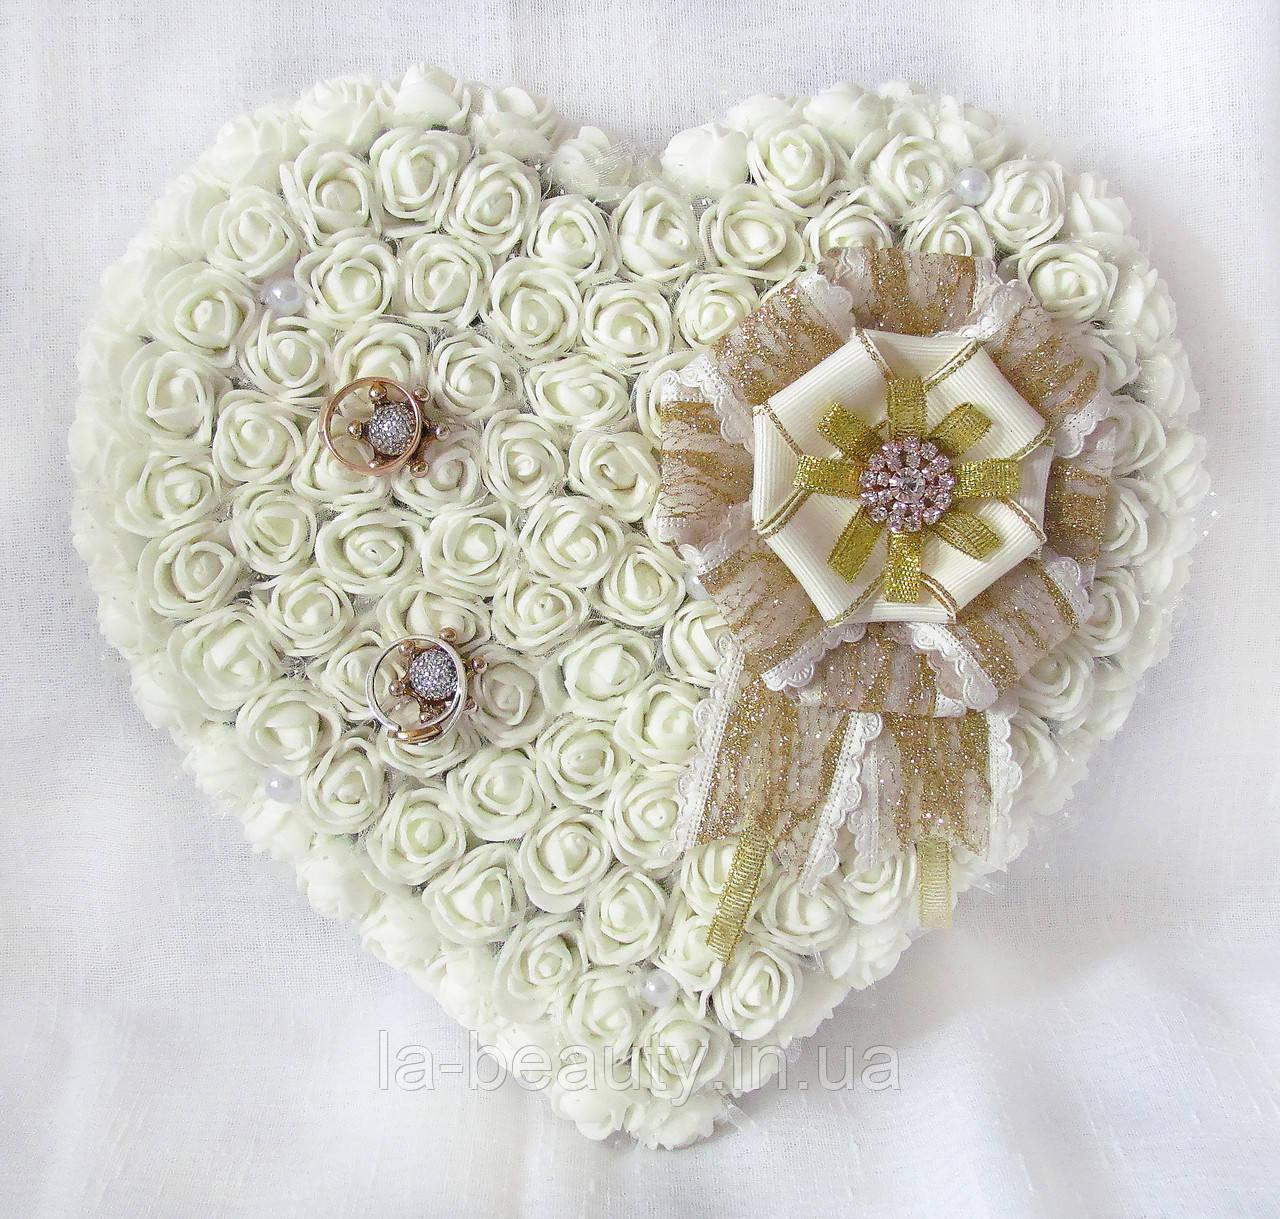 Большая свадебная подушечка для обручальных колец из роз АЙВОРИ винтаж LA BEAUTY Studio